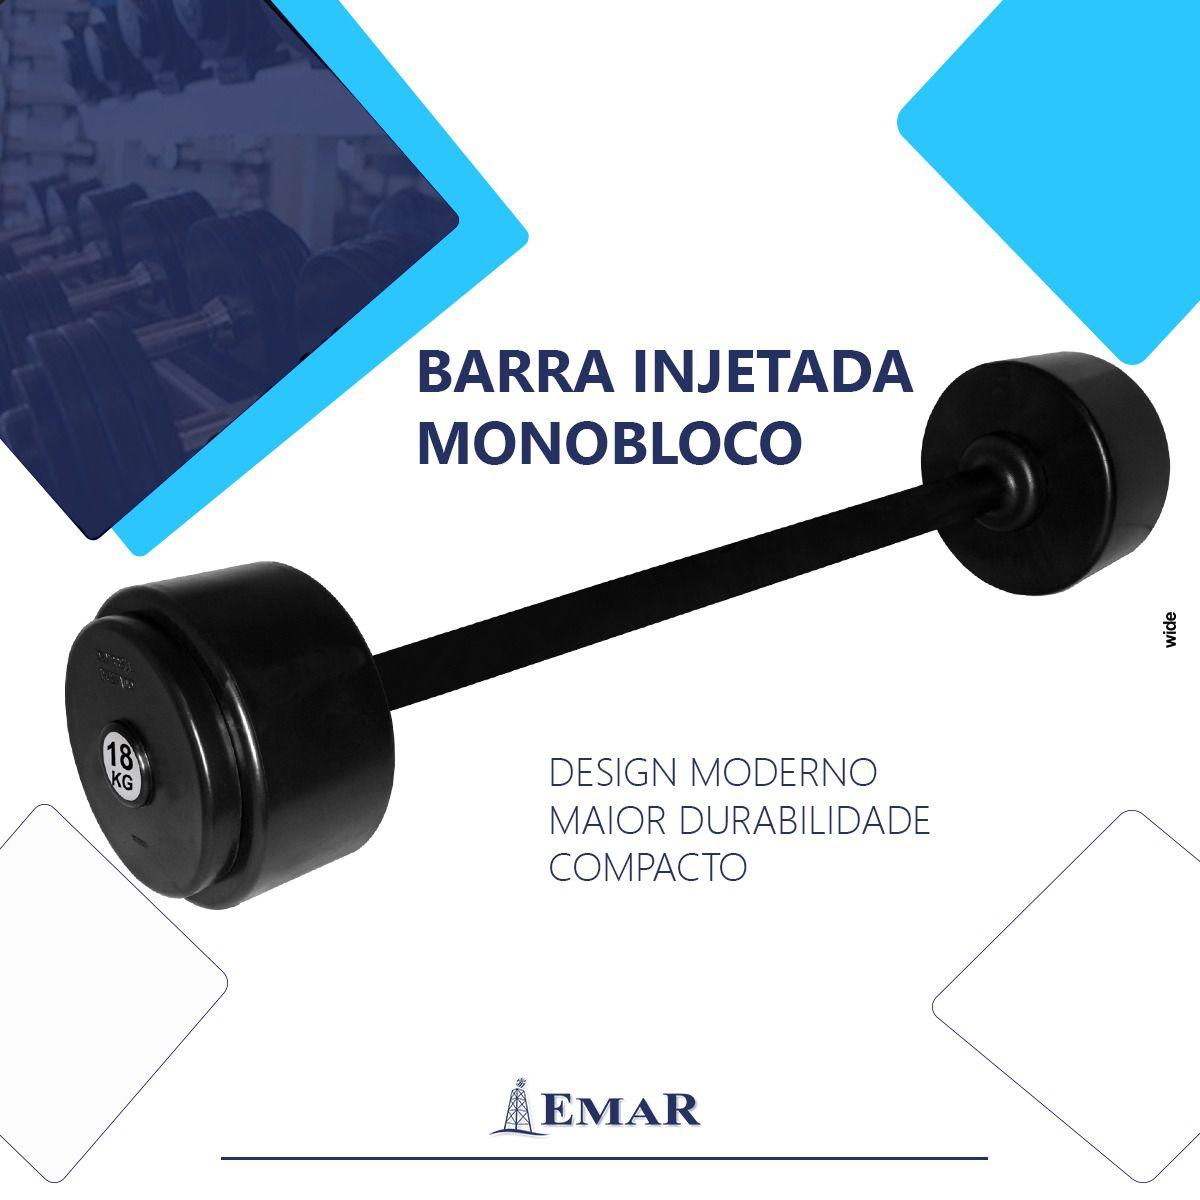 Barra Injetada Monobloco - Pegada com 70 cm